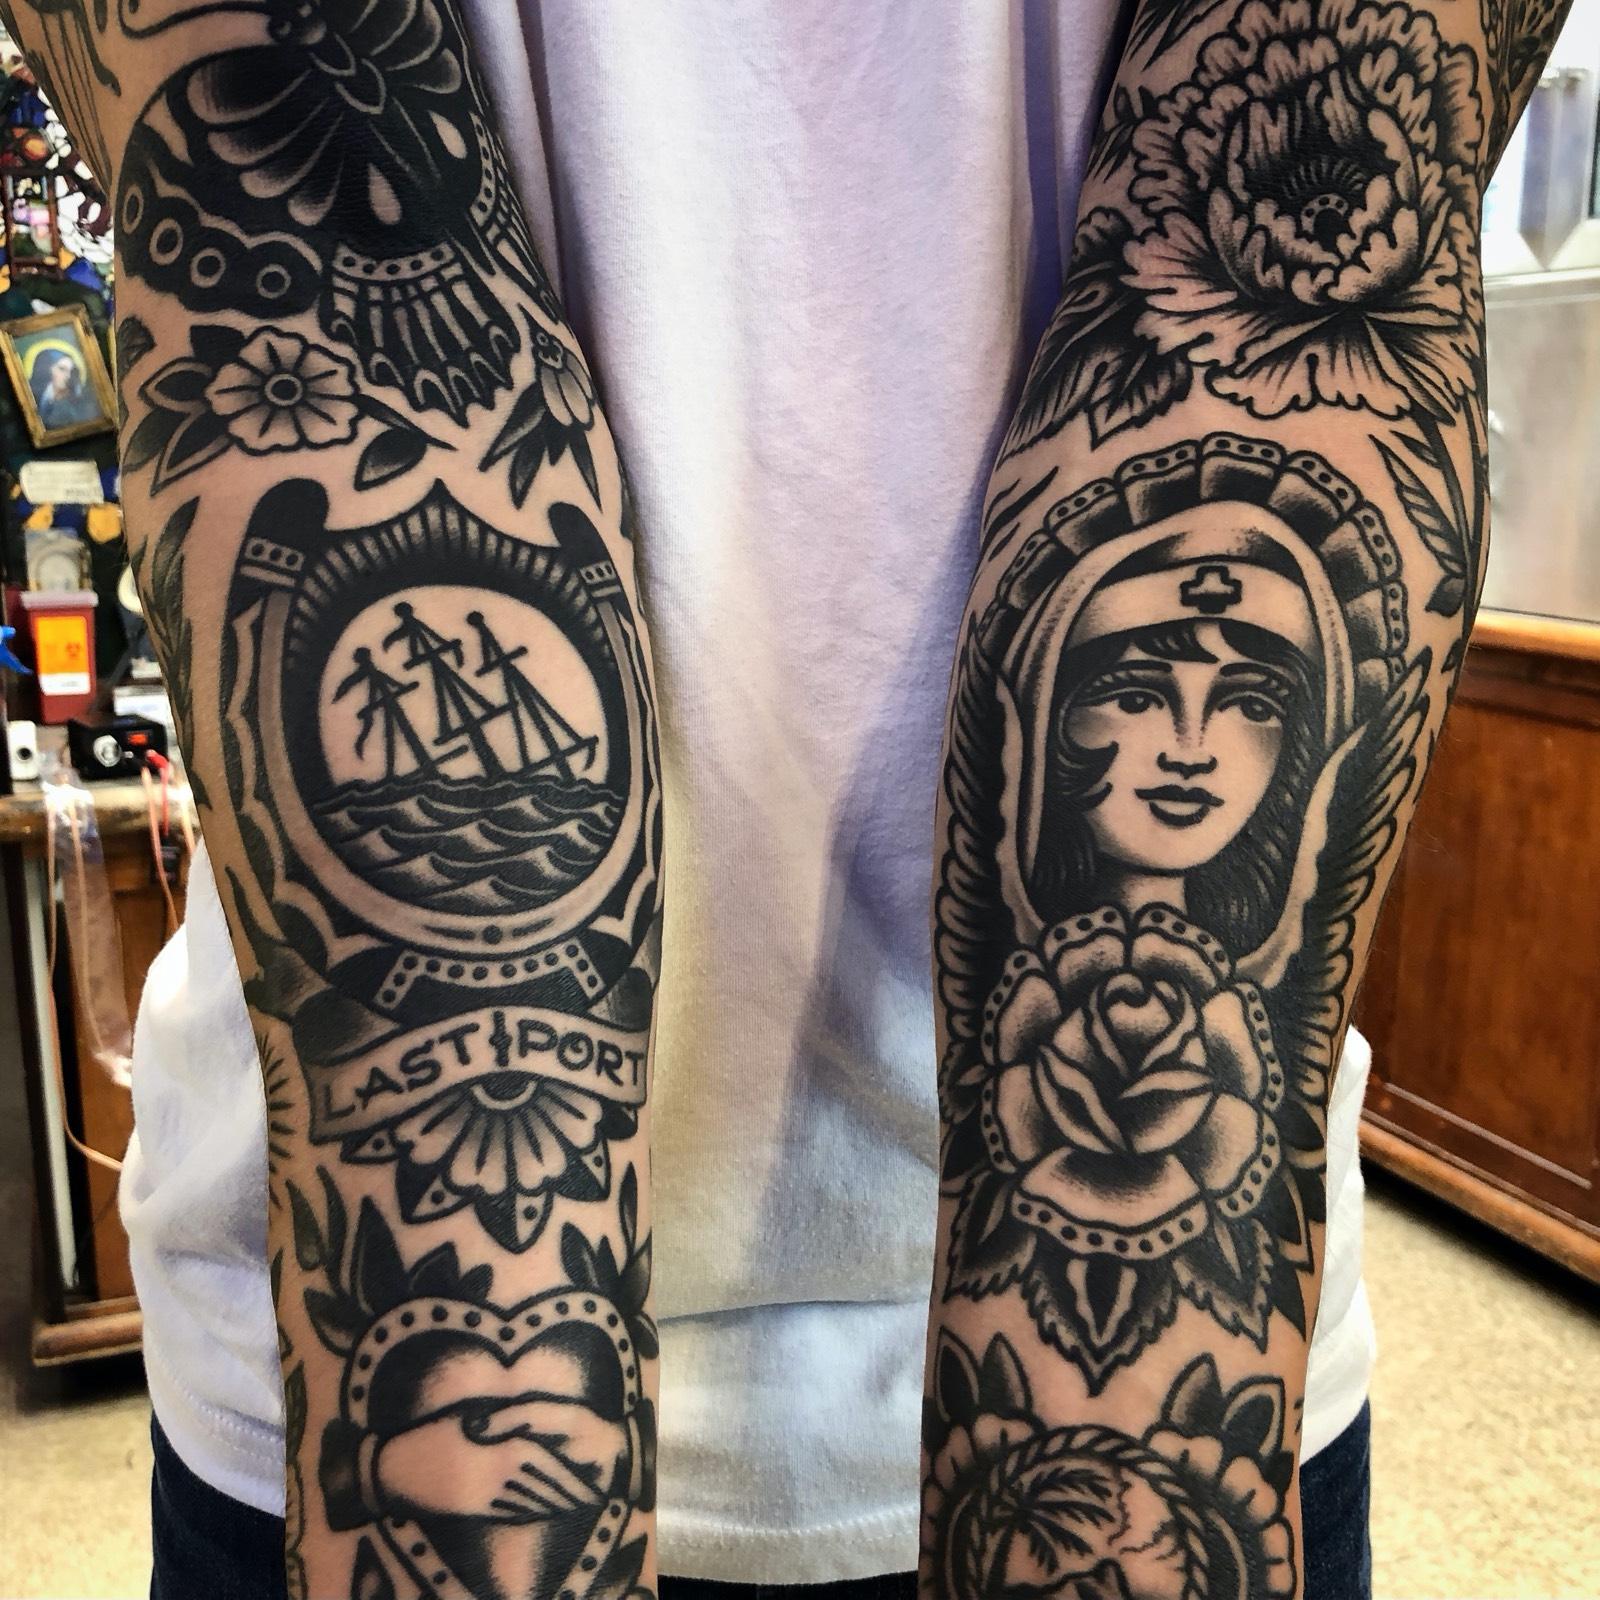 Paul Dobleman Black Heart Tattoo